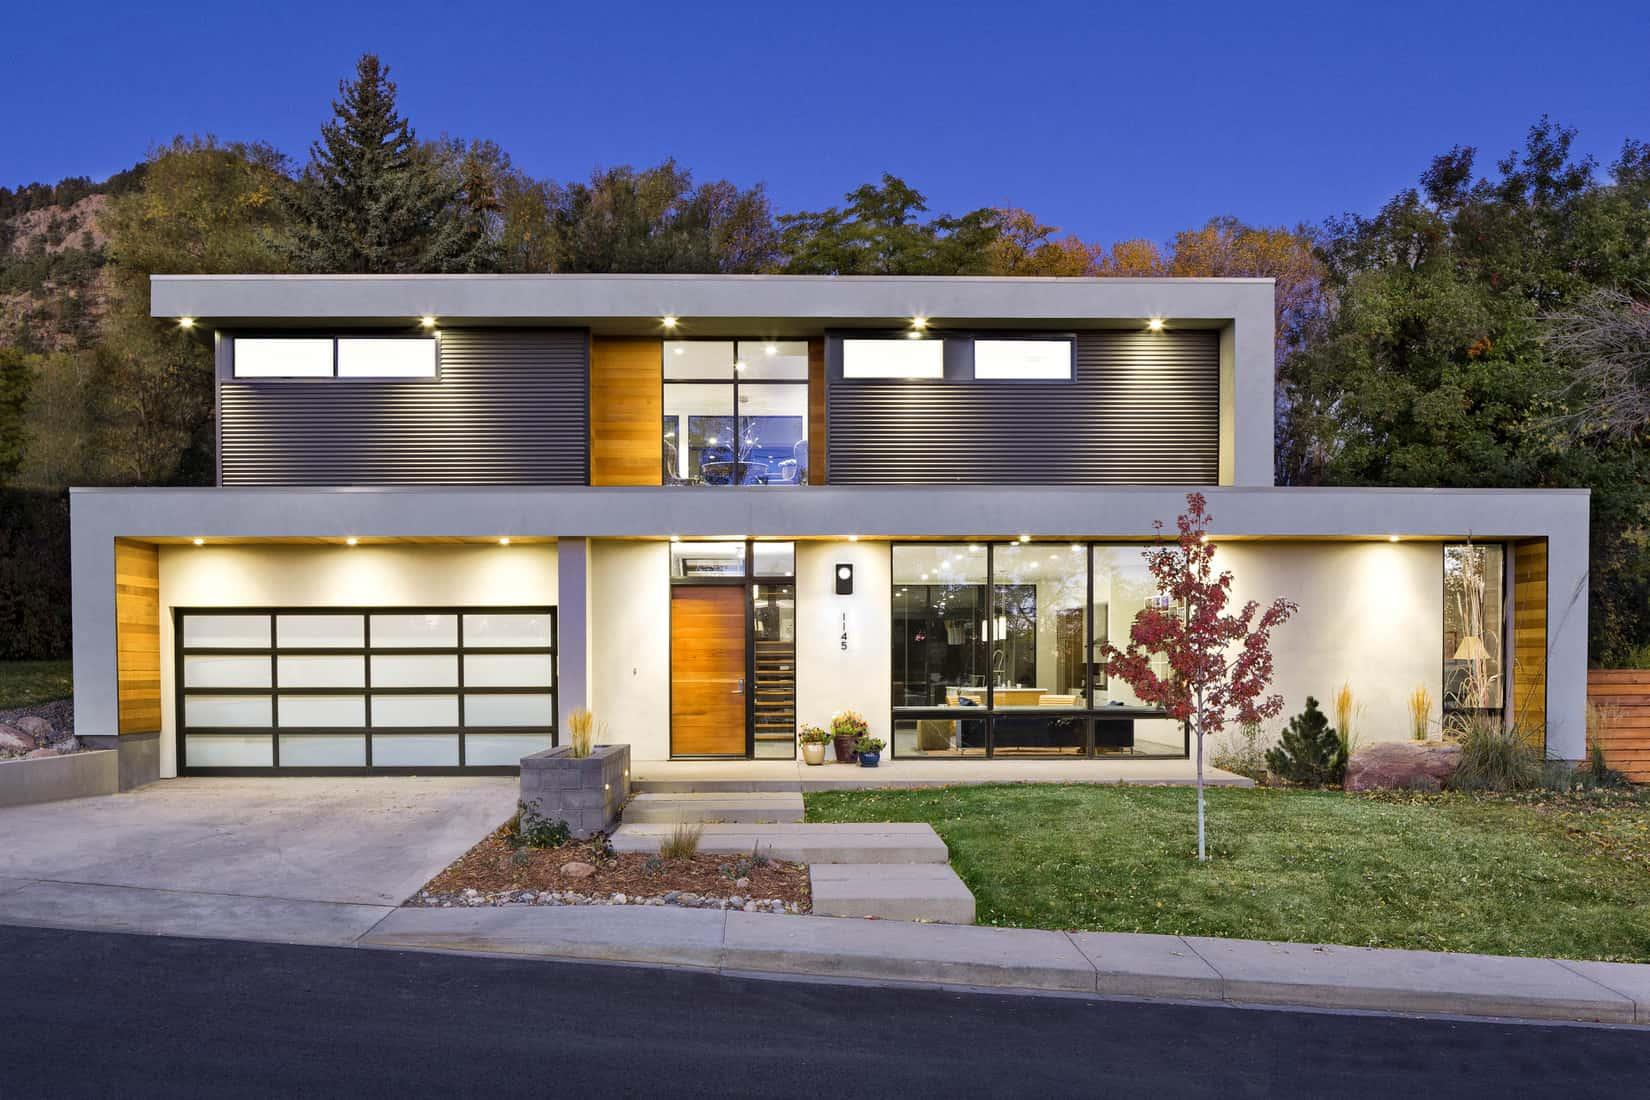 Boulder Historical Home Remodel - Exterior Design Rendering